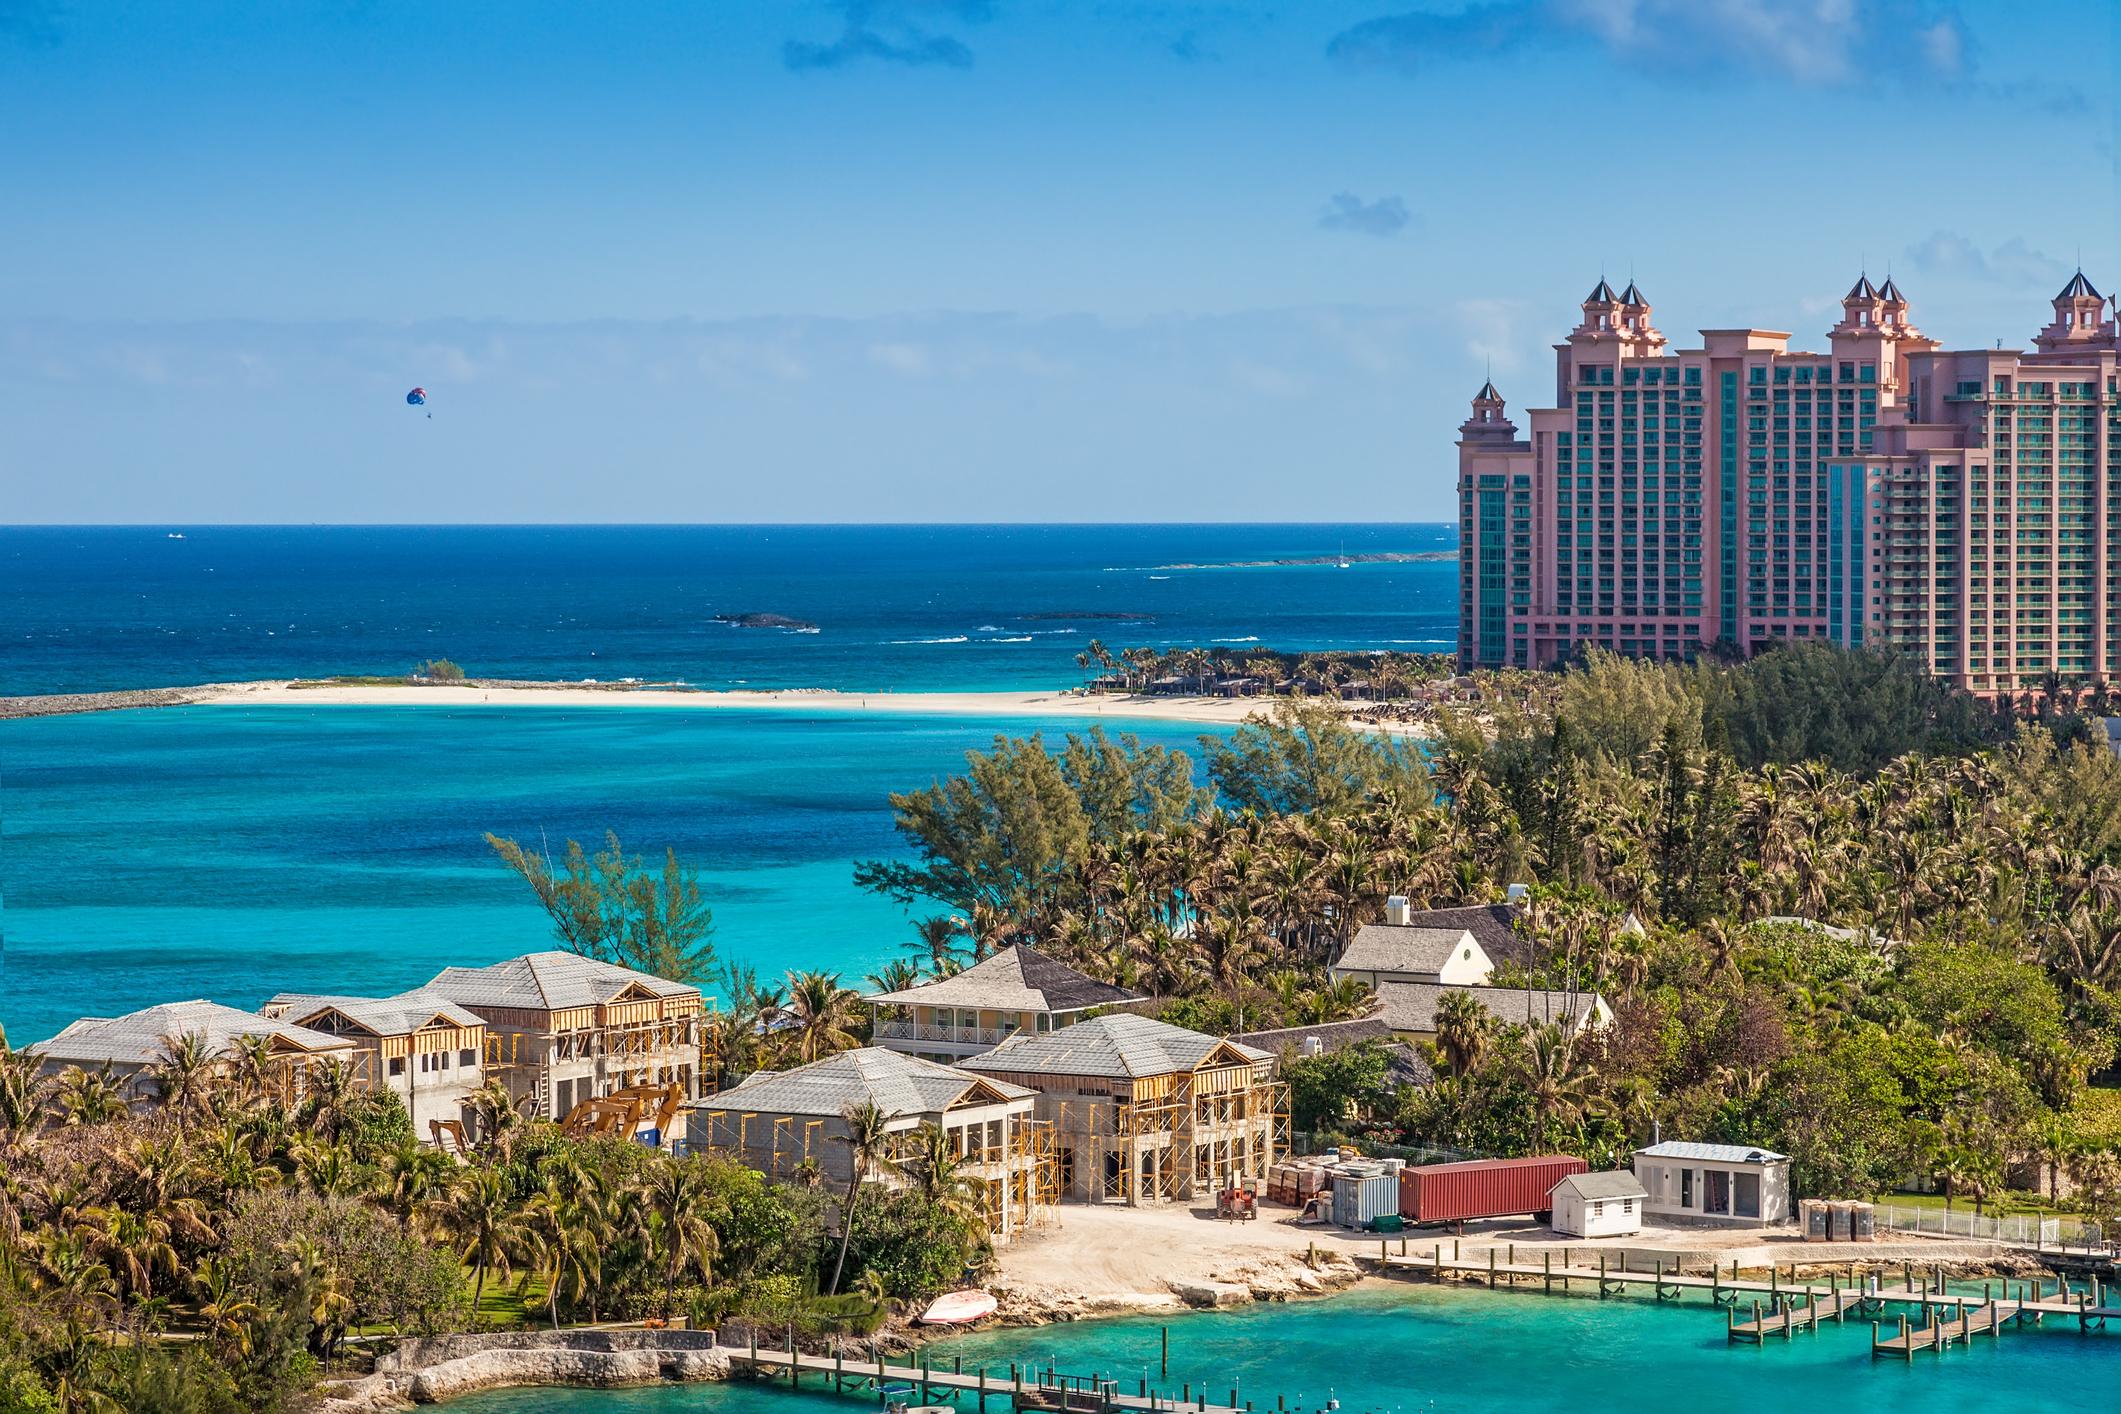 5. Бахамите - Фактът, че посещавайки Бахамите, има шанс да бъдете изложени на редица рискове може да ви изненада, но точно поради големия наплив от туристи, нивото на престъпност на острова рязко се е повишило. Доклад на ООН от 2012-та сочи, че Бахамските острови са с най-високият процент на сексуални престъпления на Карибите. Съветваме ви да се движите в по-големи групи и да не излизате извън курортните зони. Да следите храната и напитките си, и какво слагат в тях.